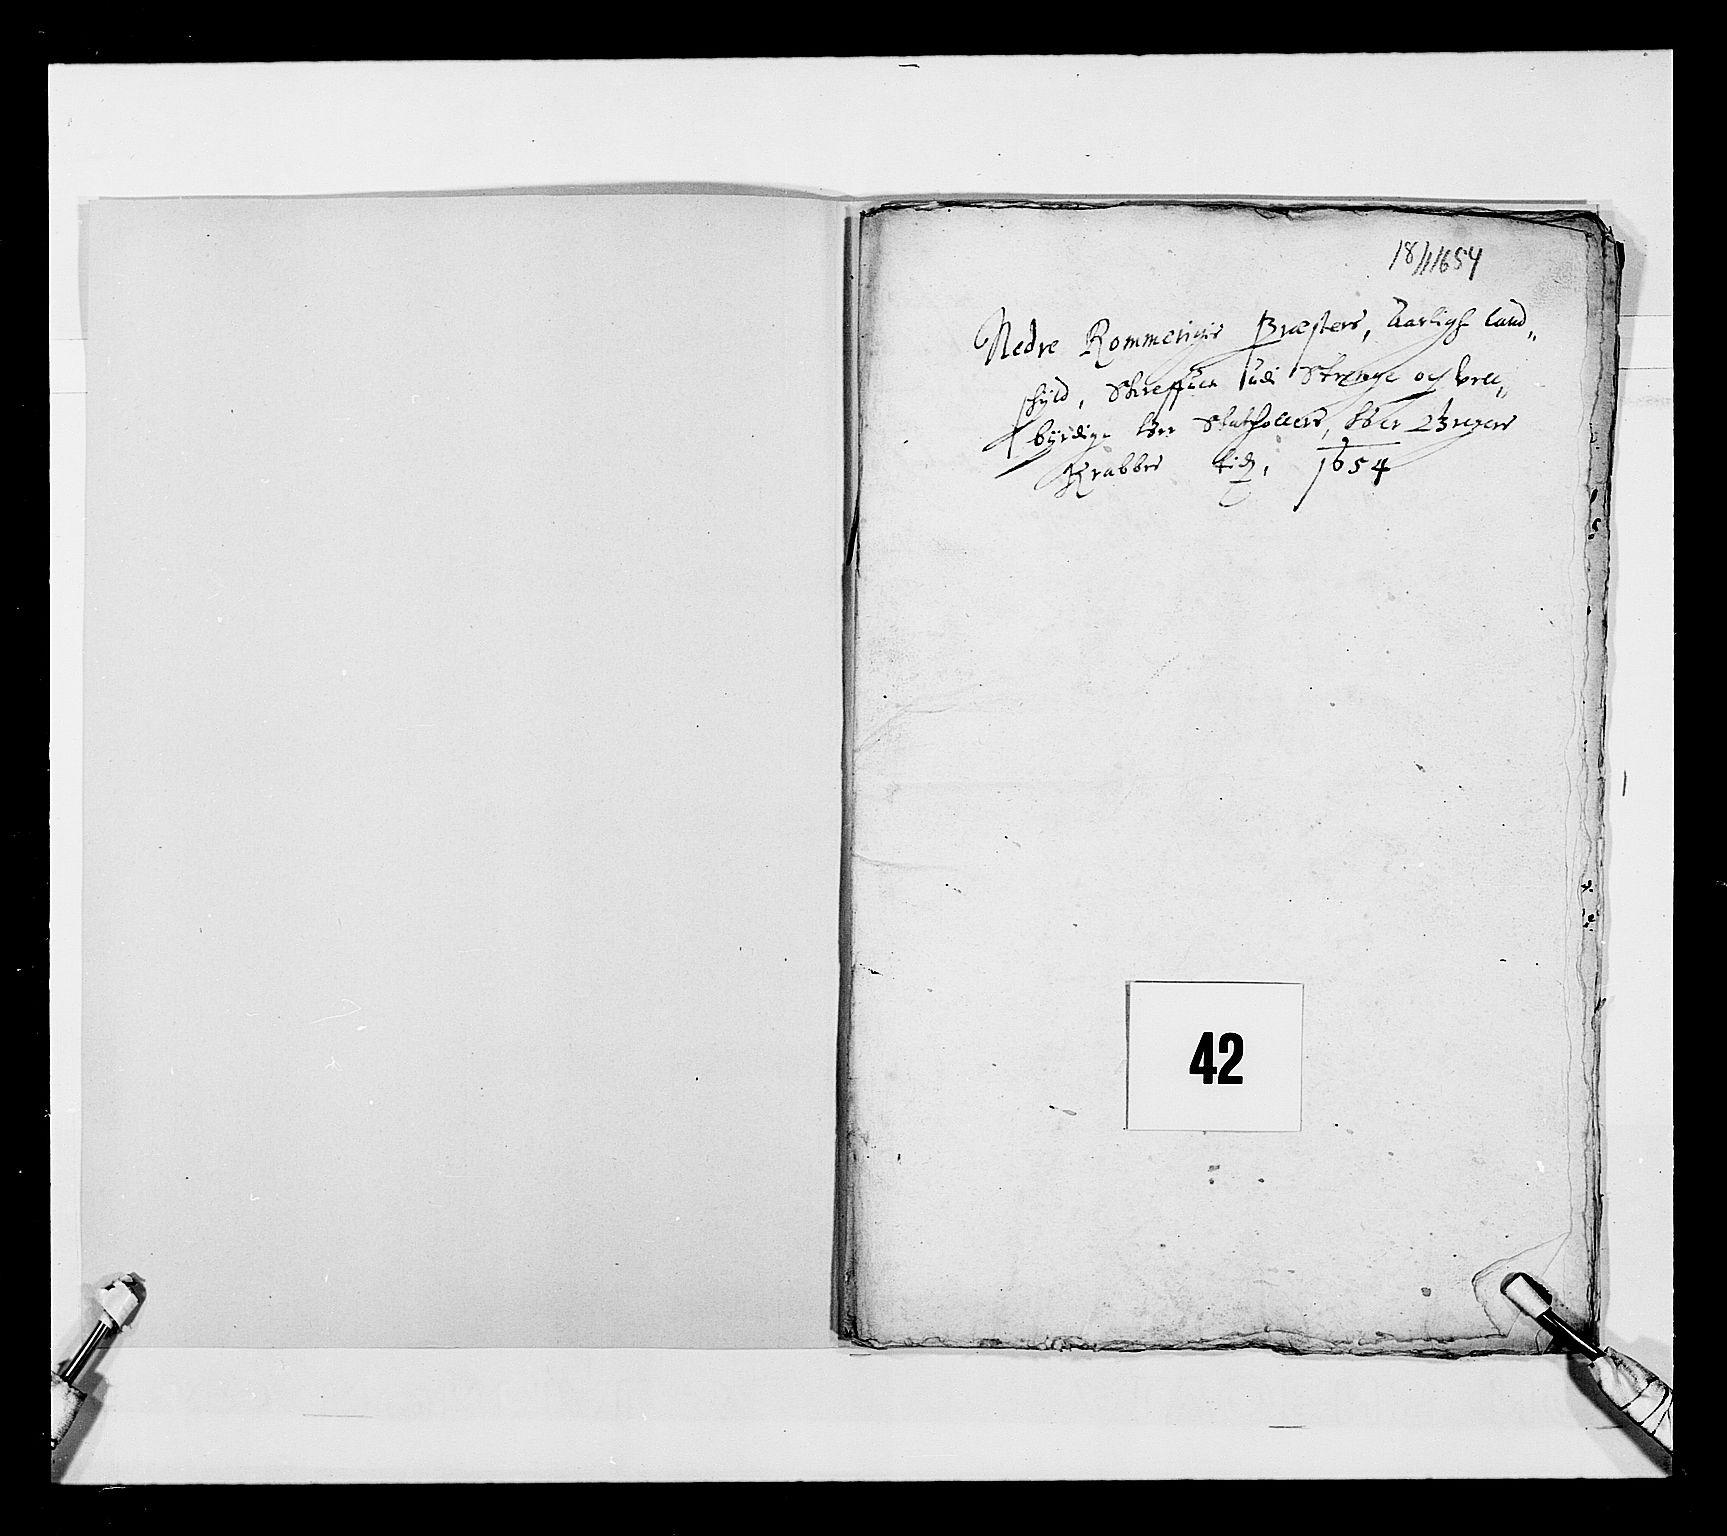 RA, Stattholderembetet 1572-1771, Ek/L0030: Jordebøker 1633-1658:, 1654, s. 199